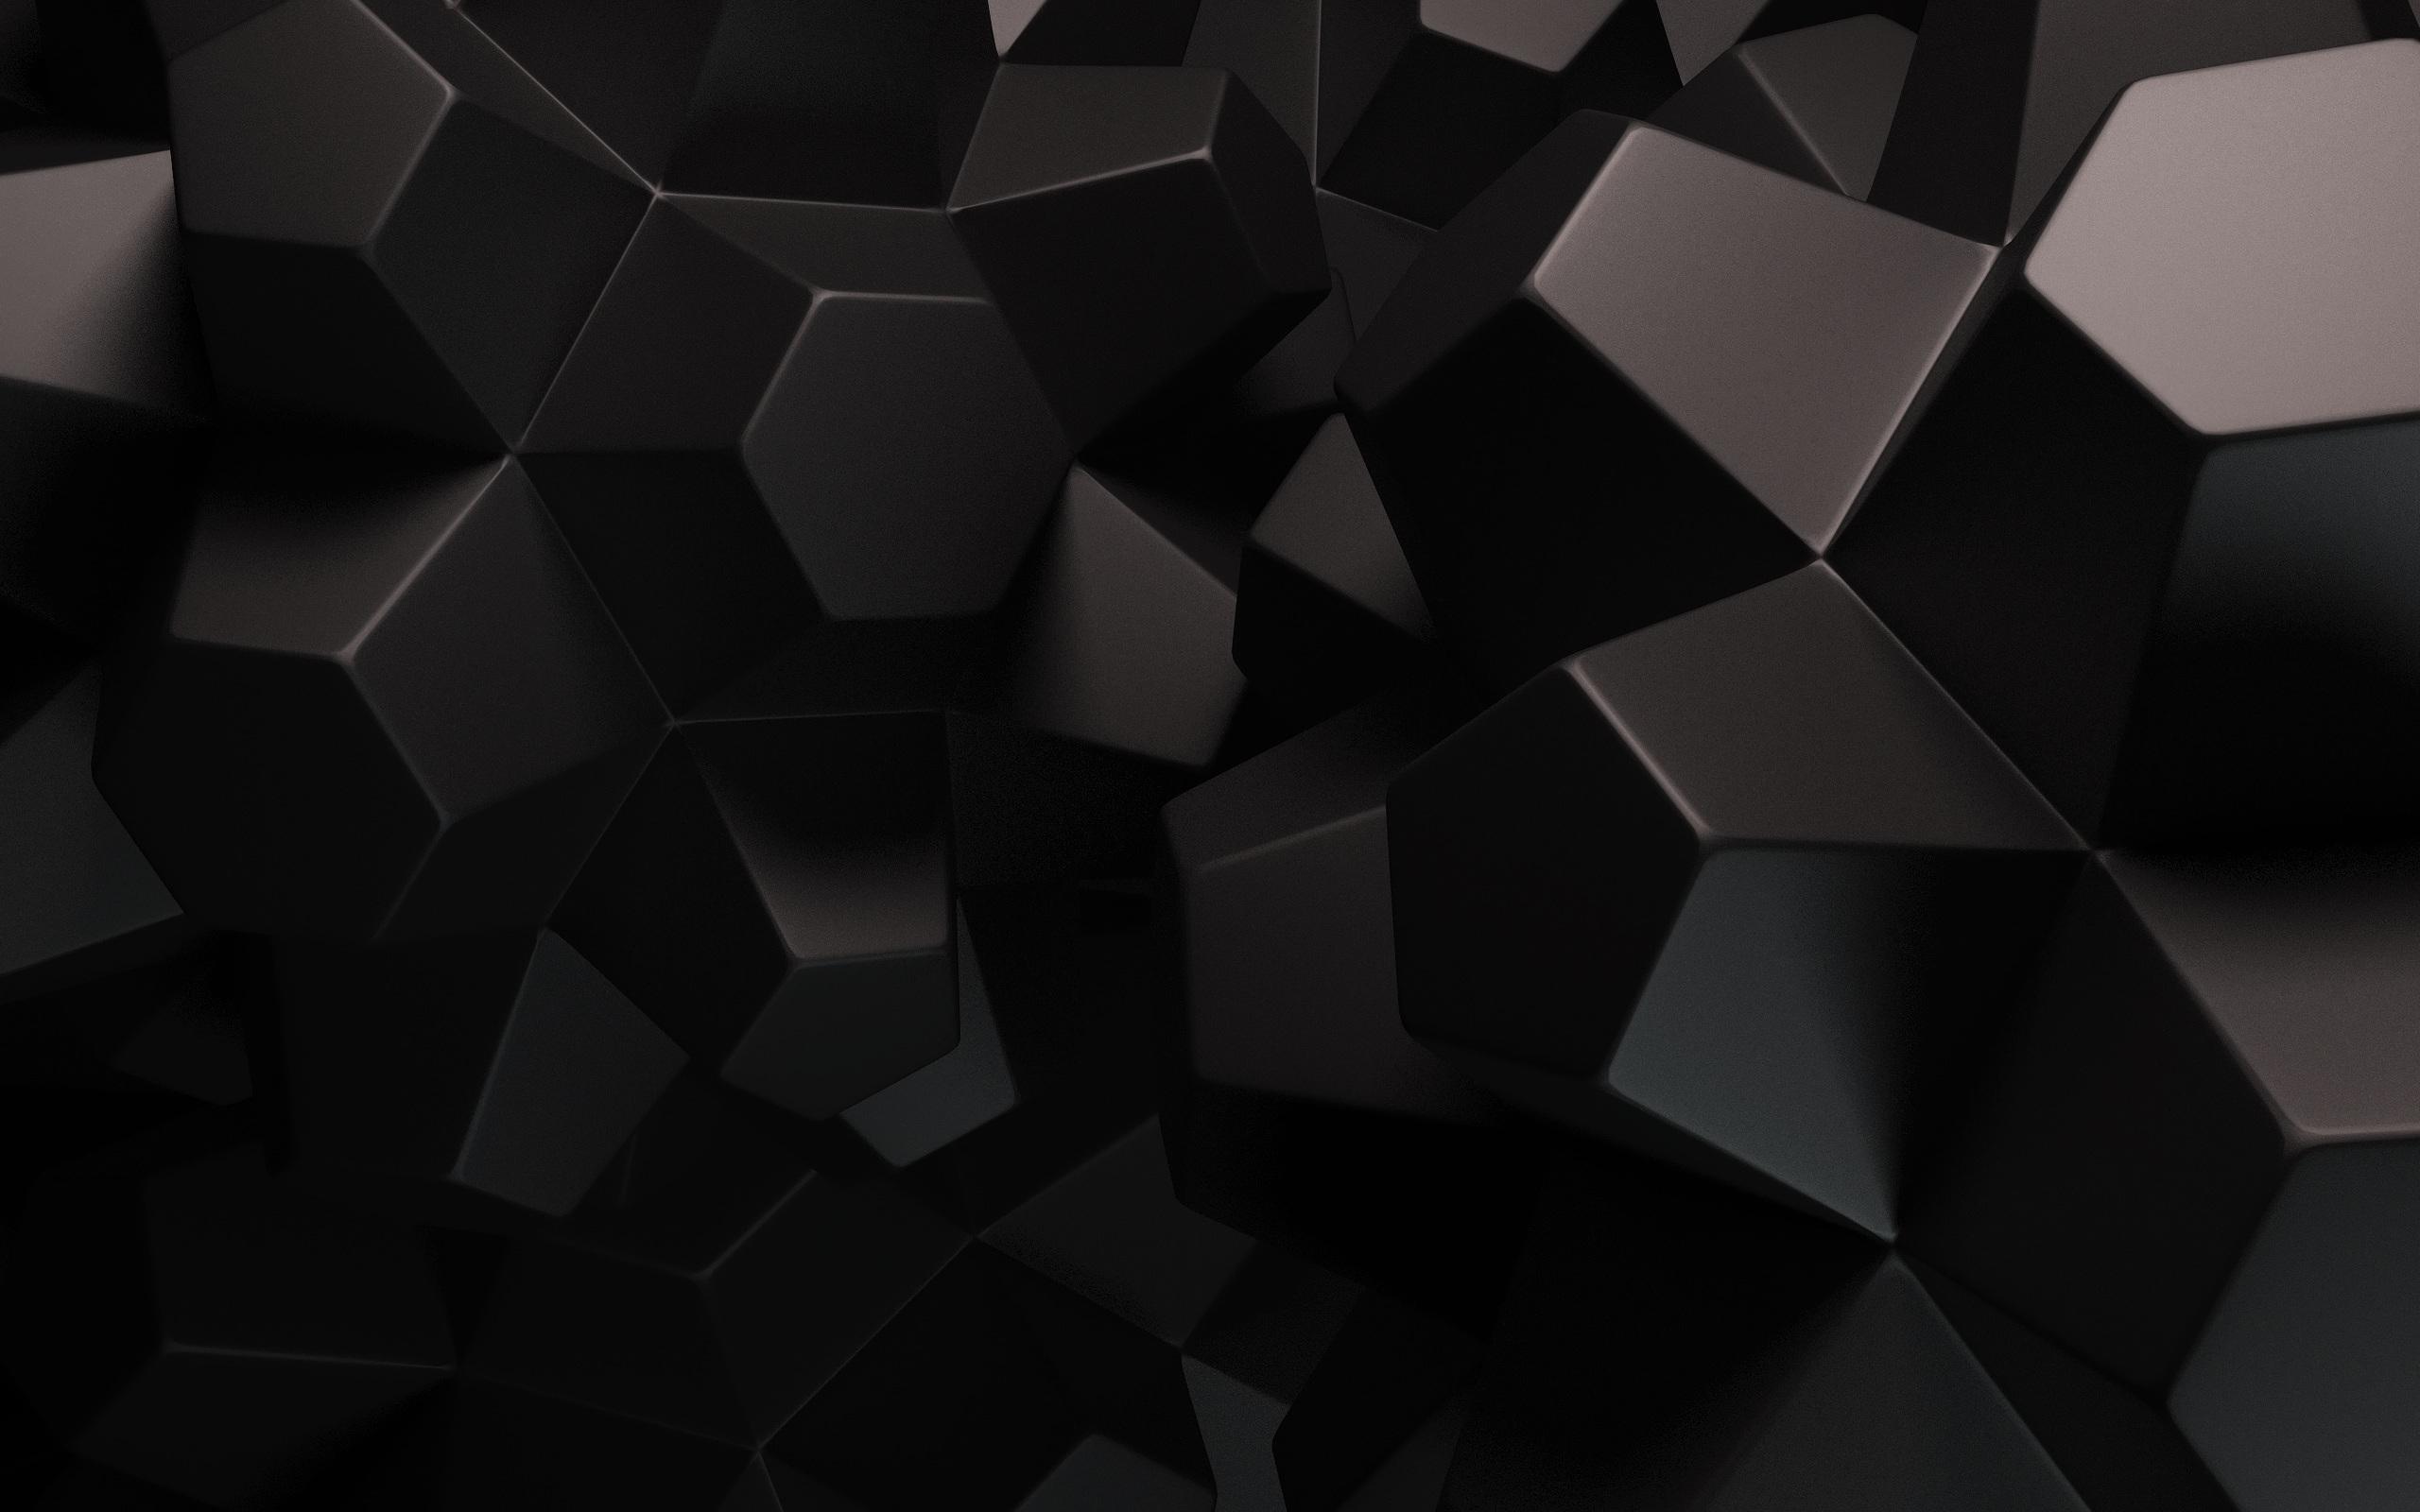 2 il bundan öncə yaradılmış materialın yeni maraqlı xüsusiyyəti